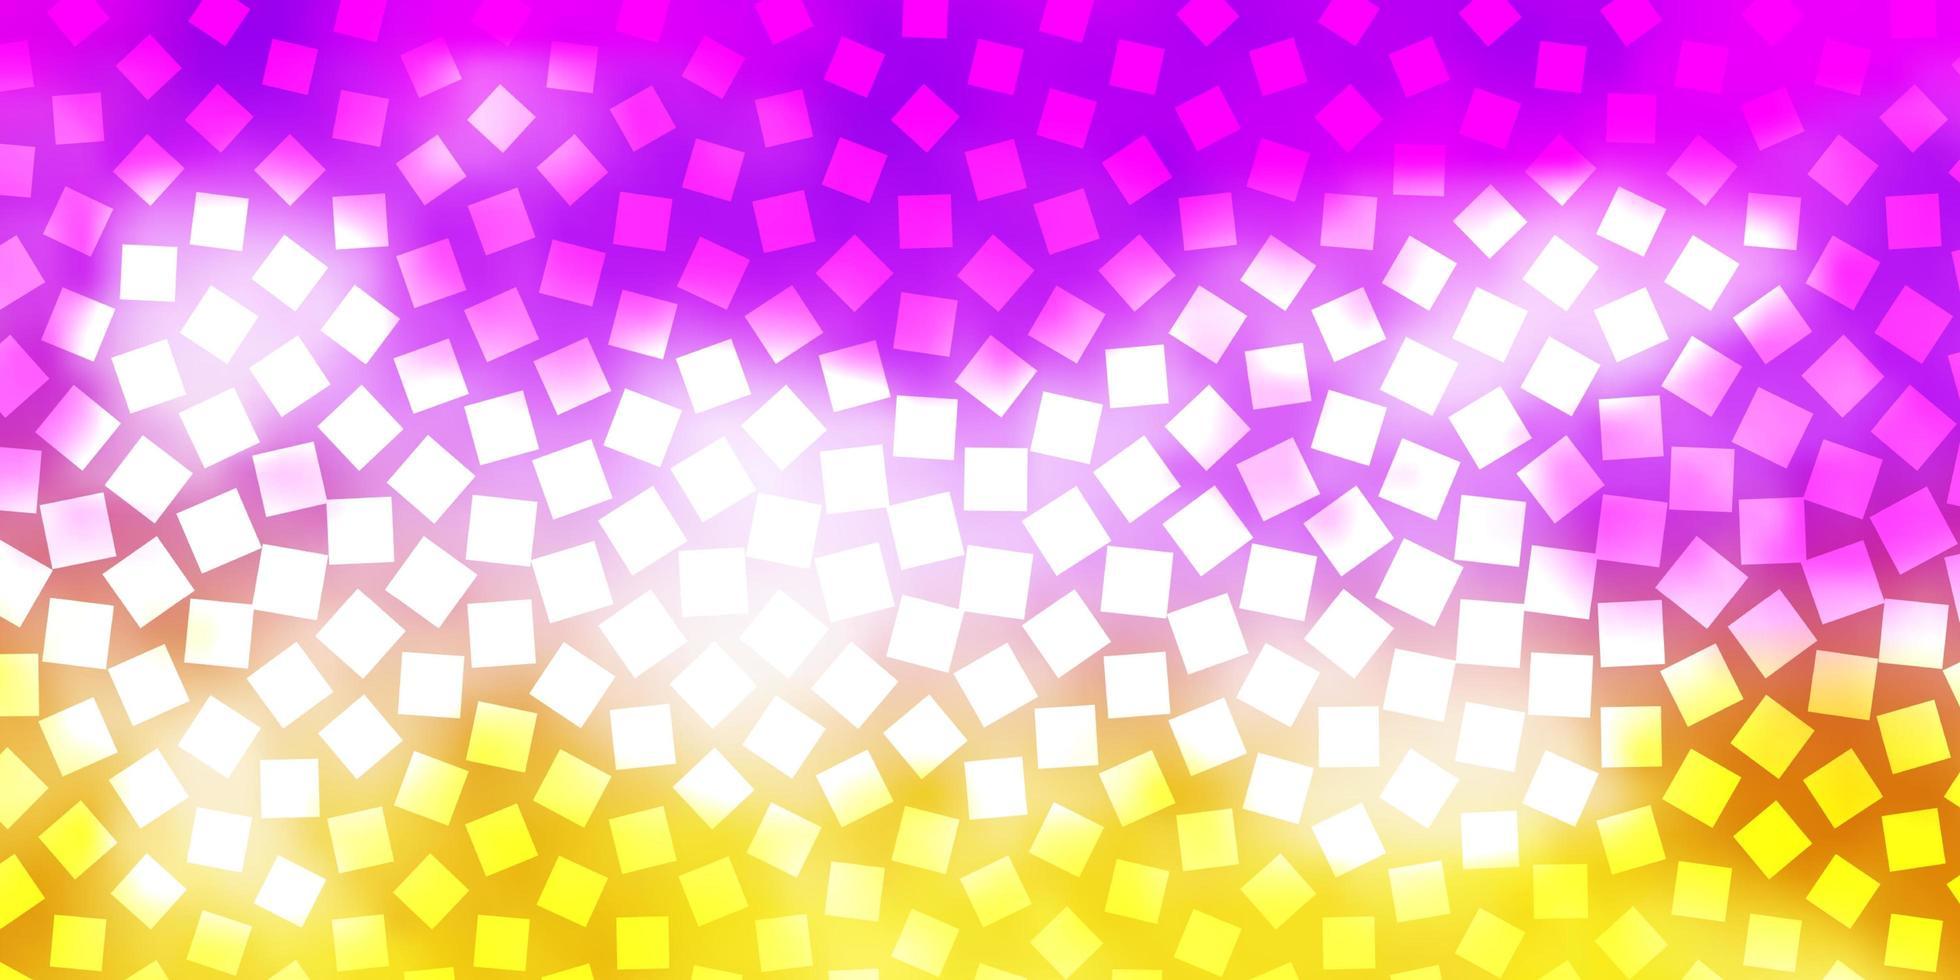 ljusrosa, gul vektorbakgrund med rektanglar. vektor